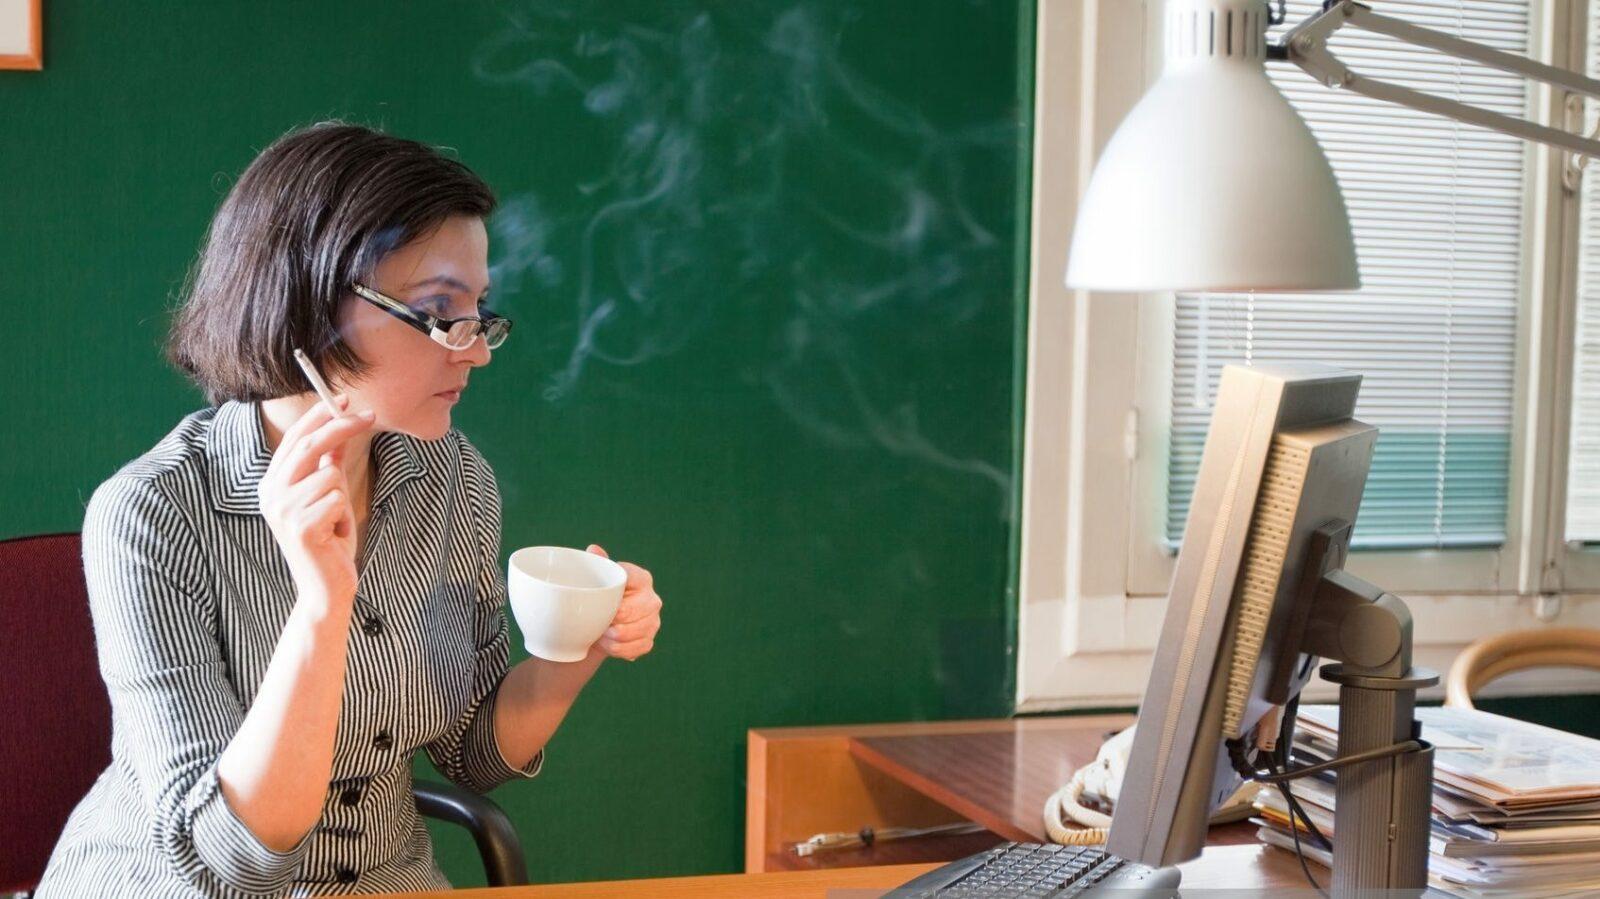 Mulher fuma e toma café enquanto trabalha.